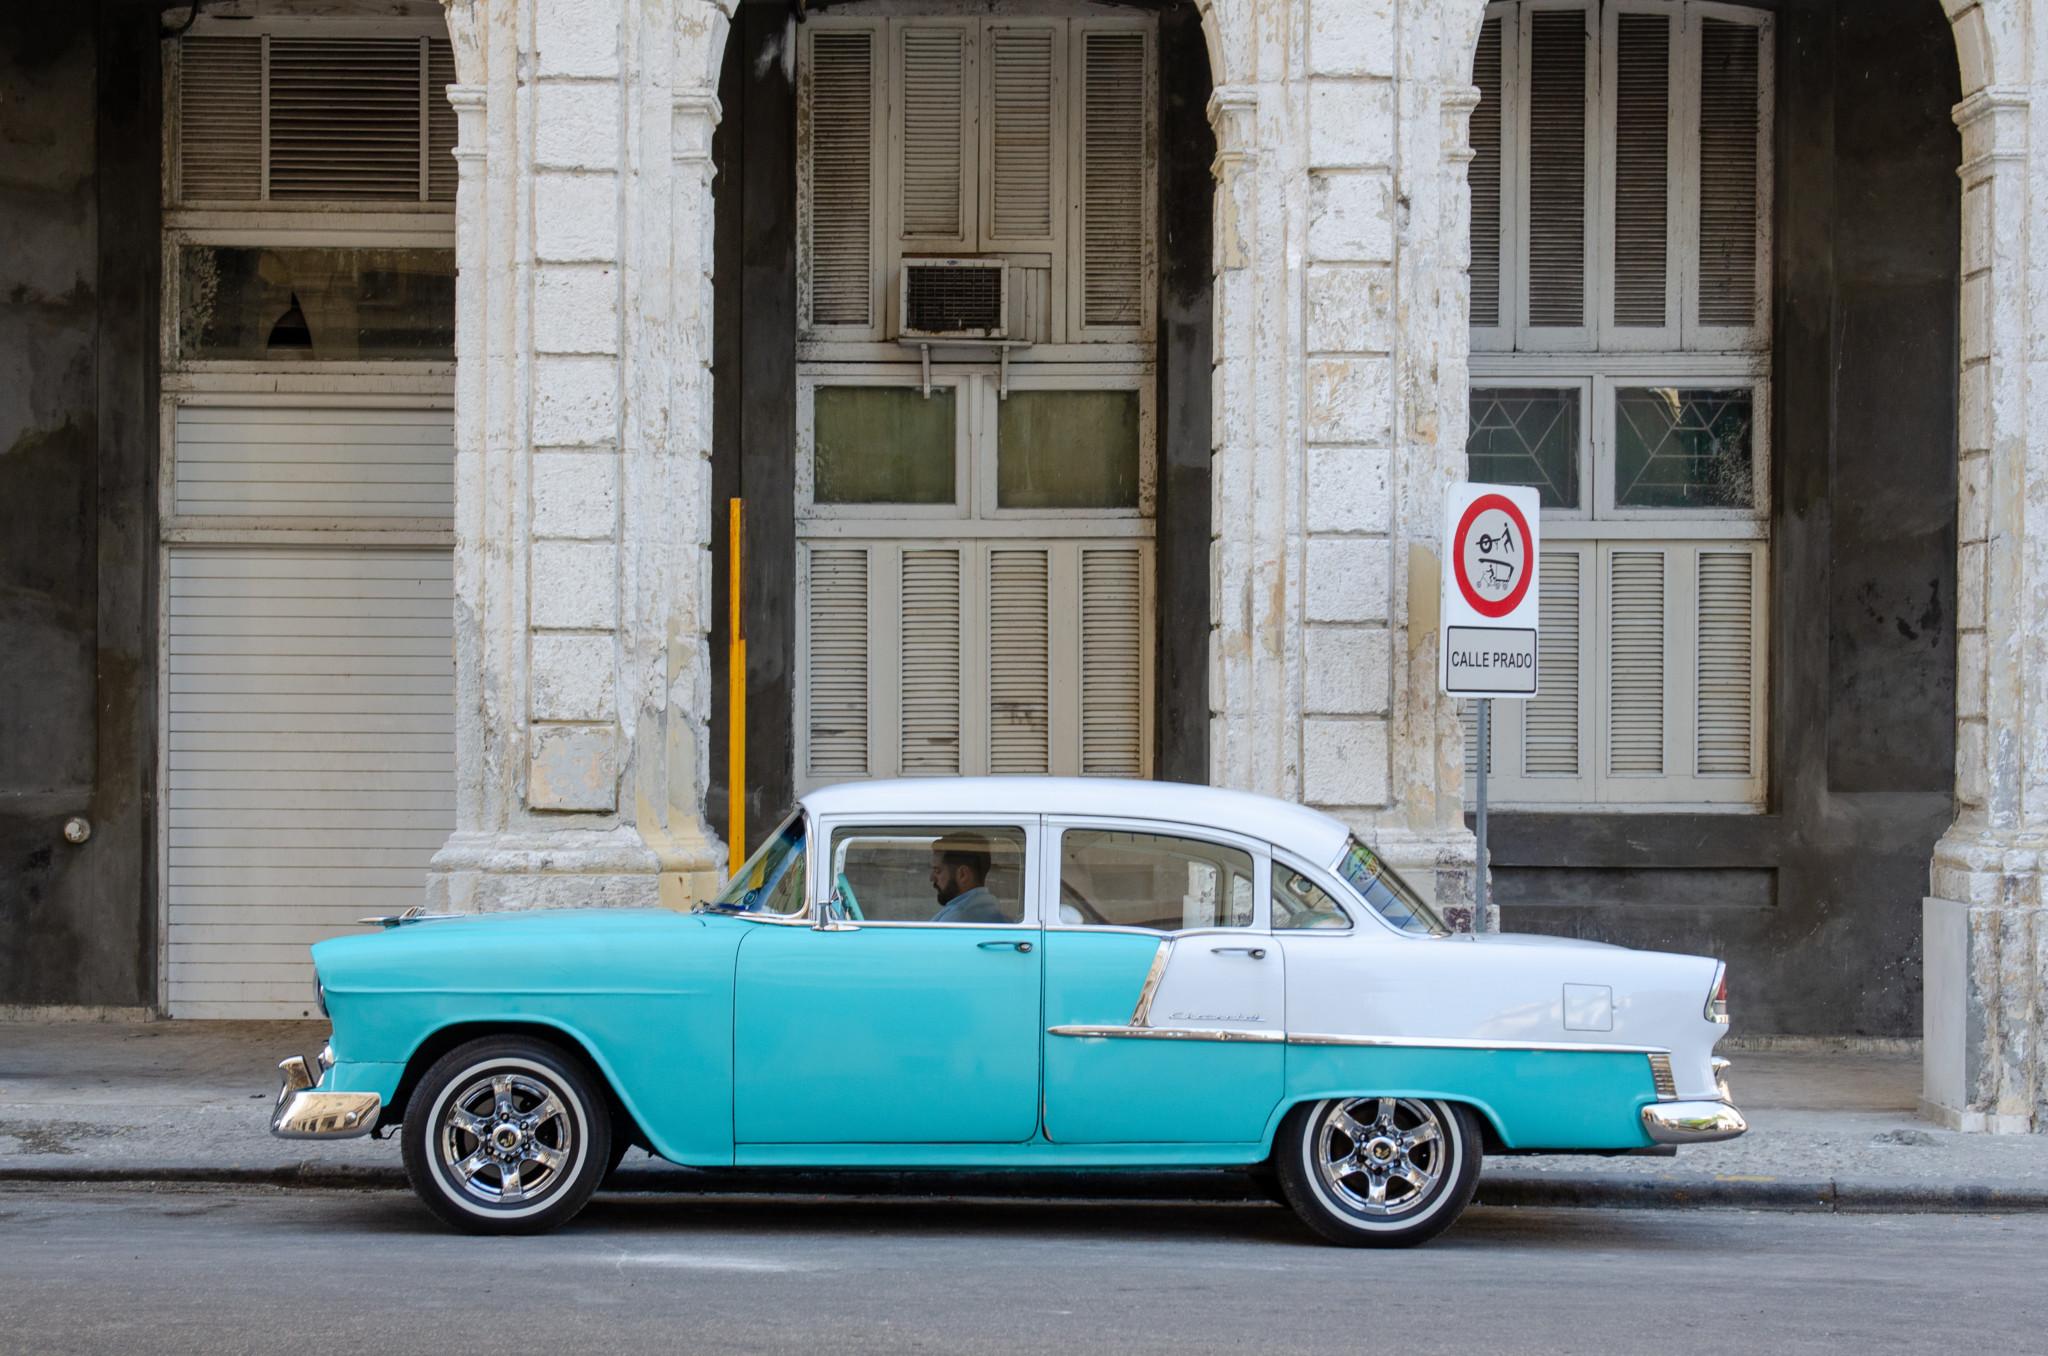 Kuba im Januar ist eines der besten Reiseziele im Winter